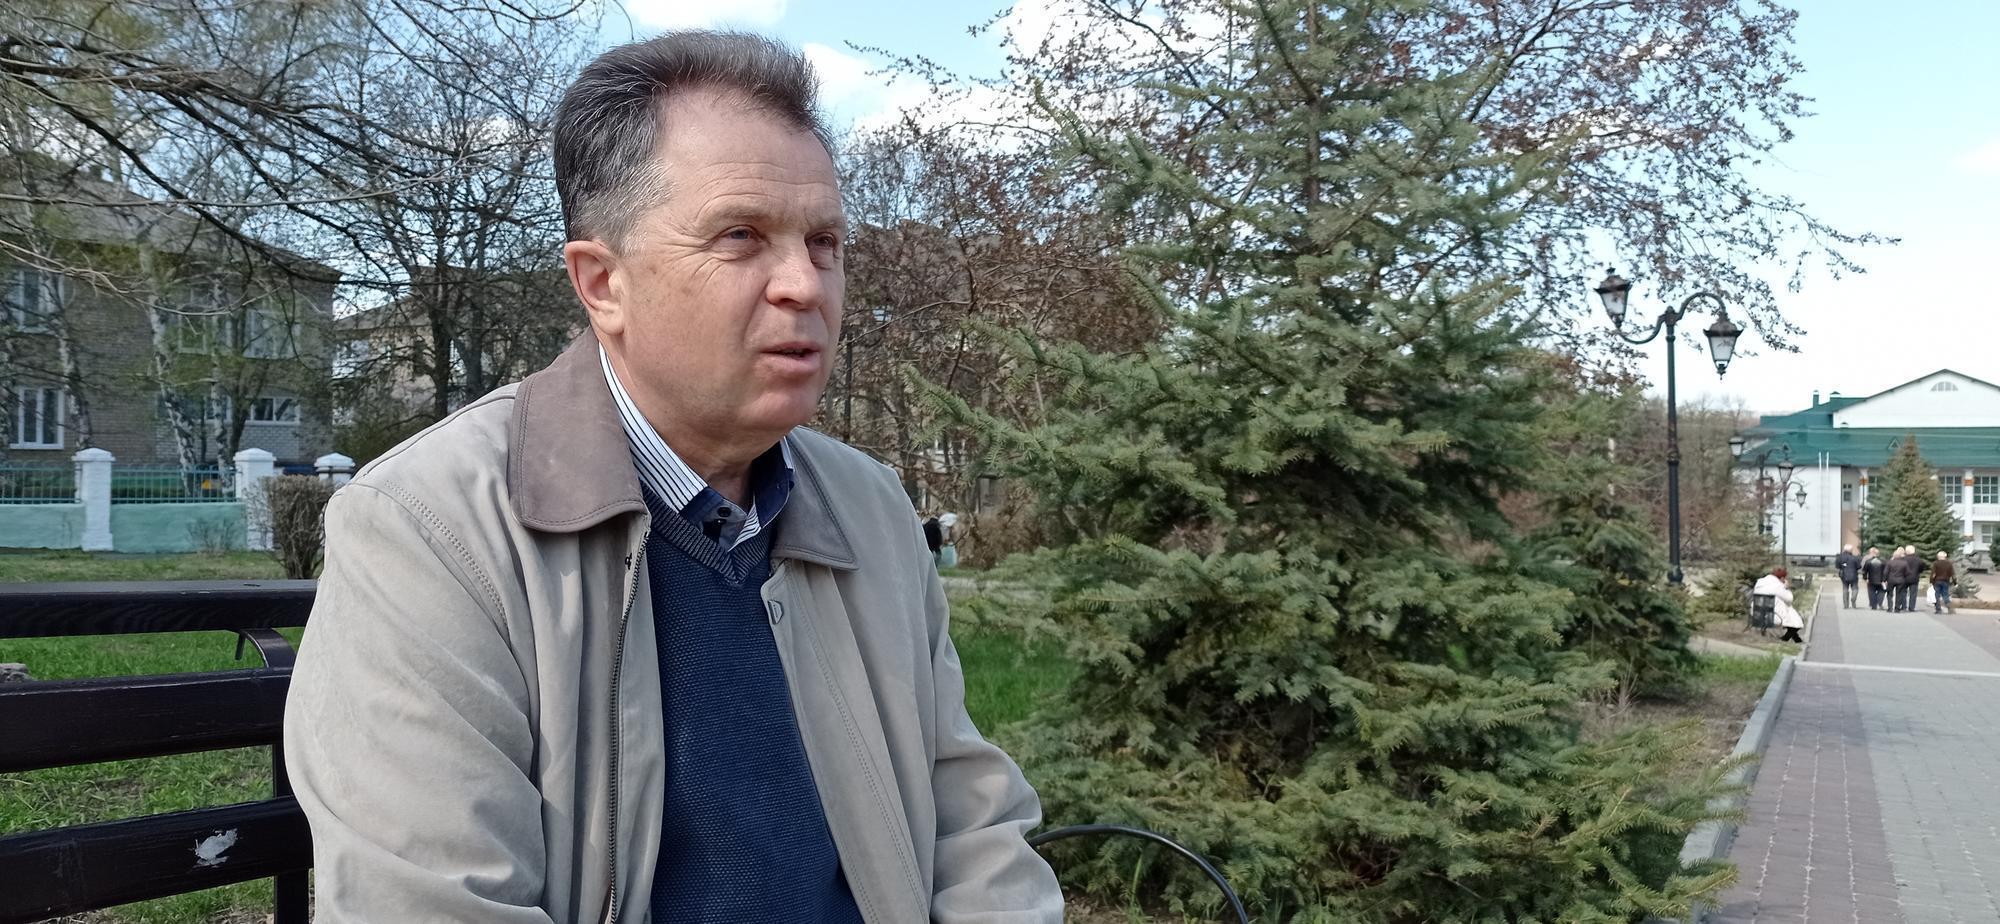 Борис Іщенко ліквідатор з Бахмута